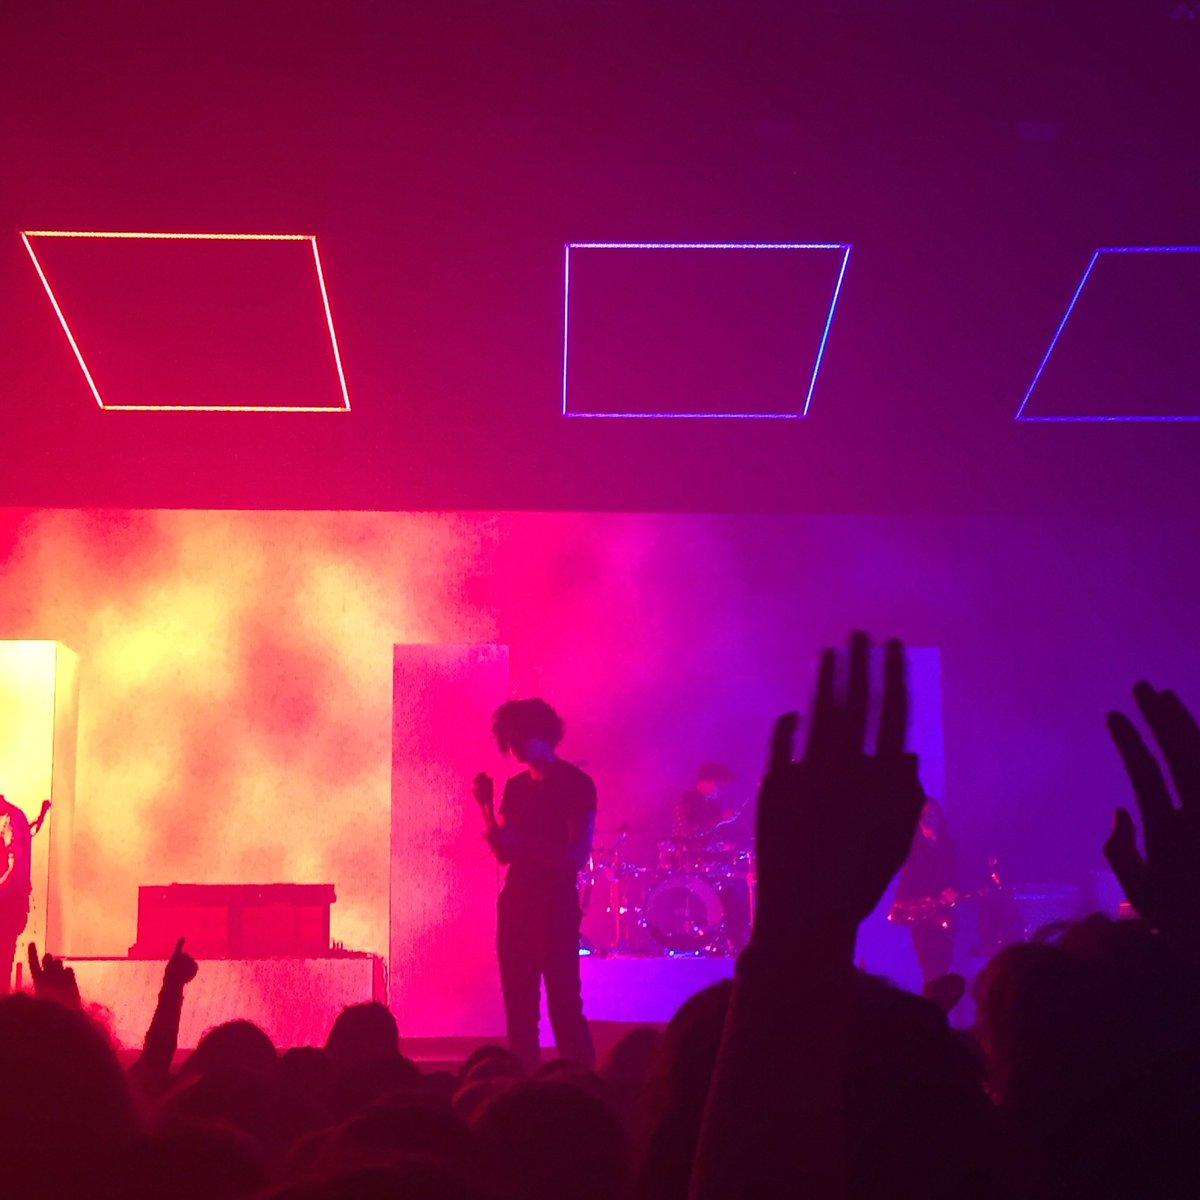 no one does concert aesthetic like the 1975 https://t.co/dt2c8ZM9AV